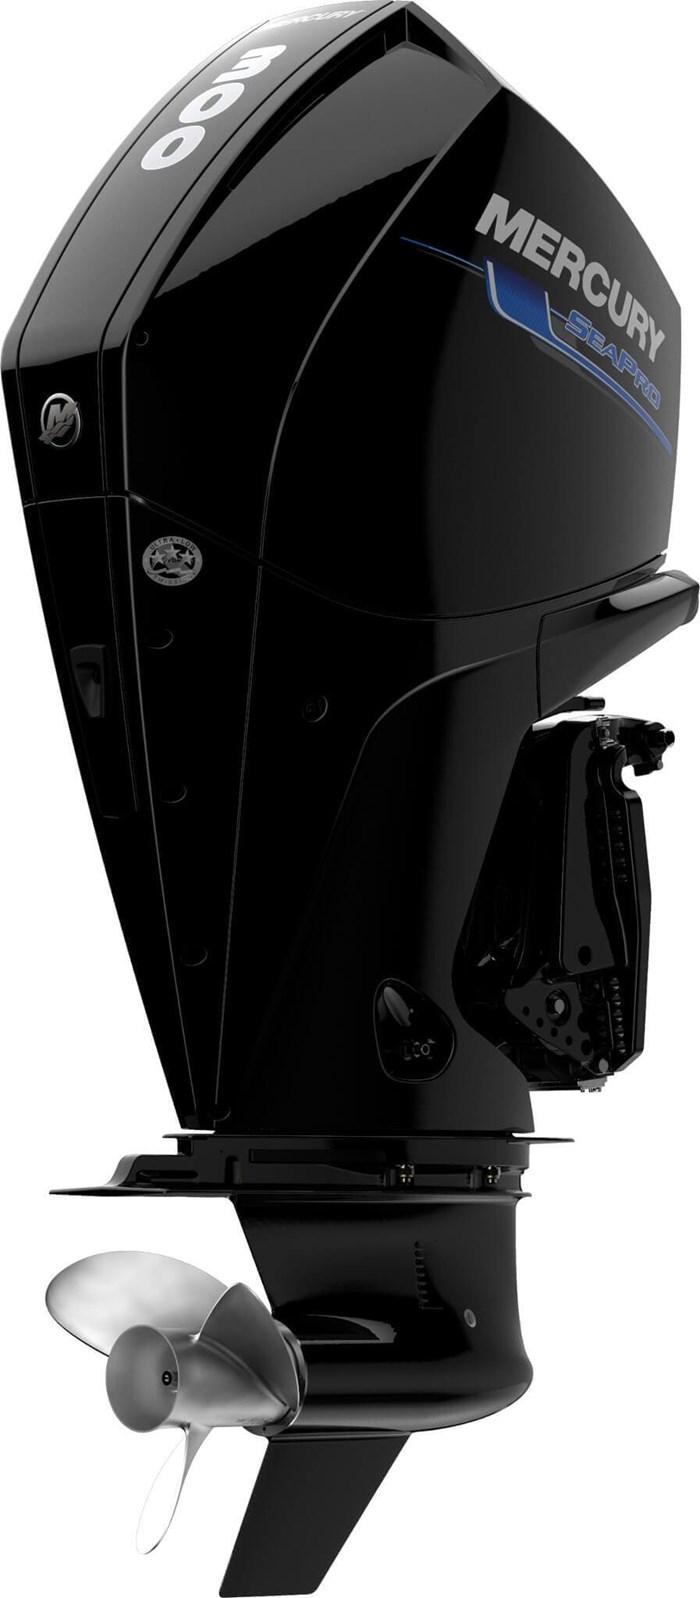 2022 Mercury 300CXL SEAPRO COMMERCIAL DTS CMS Photo 9 sur 13